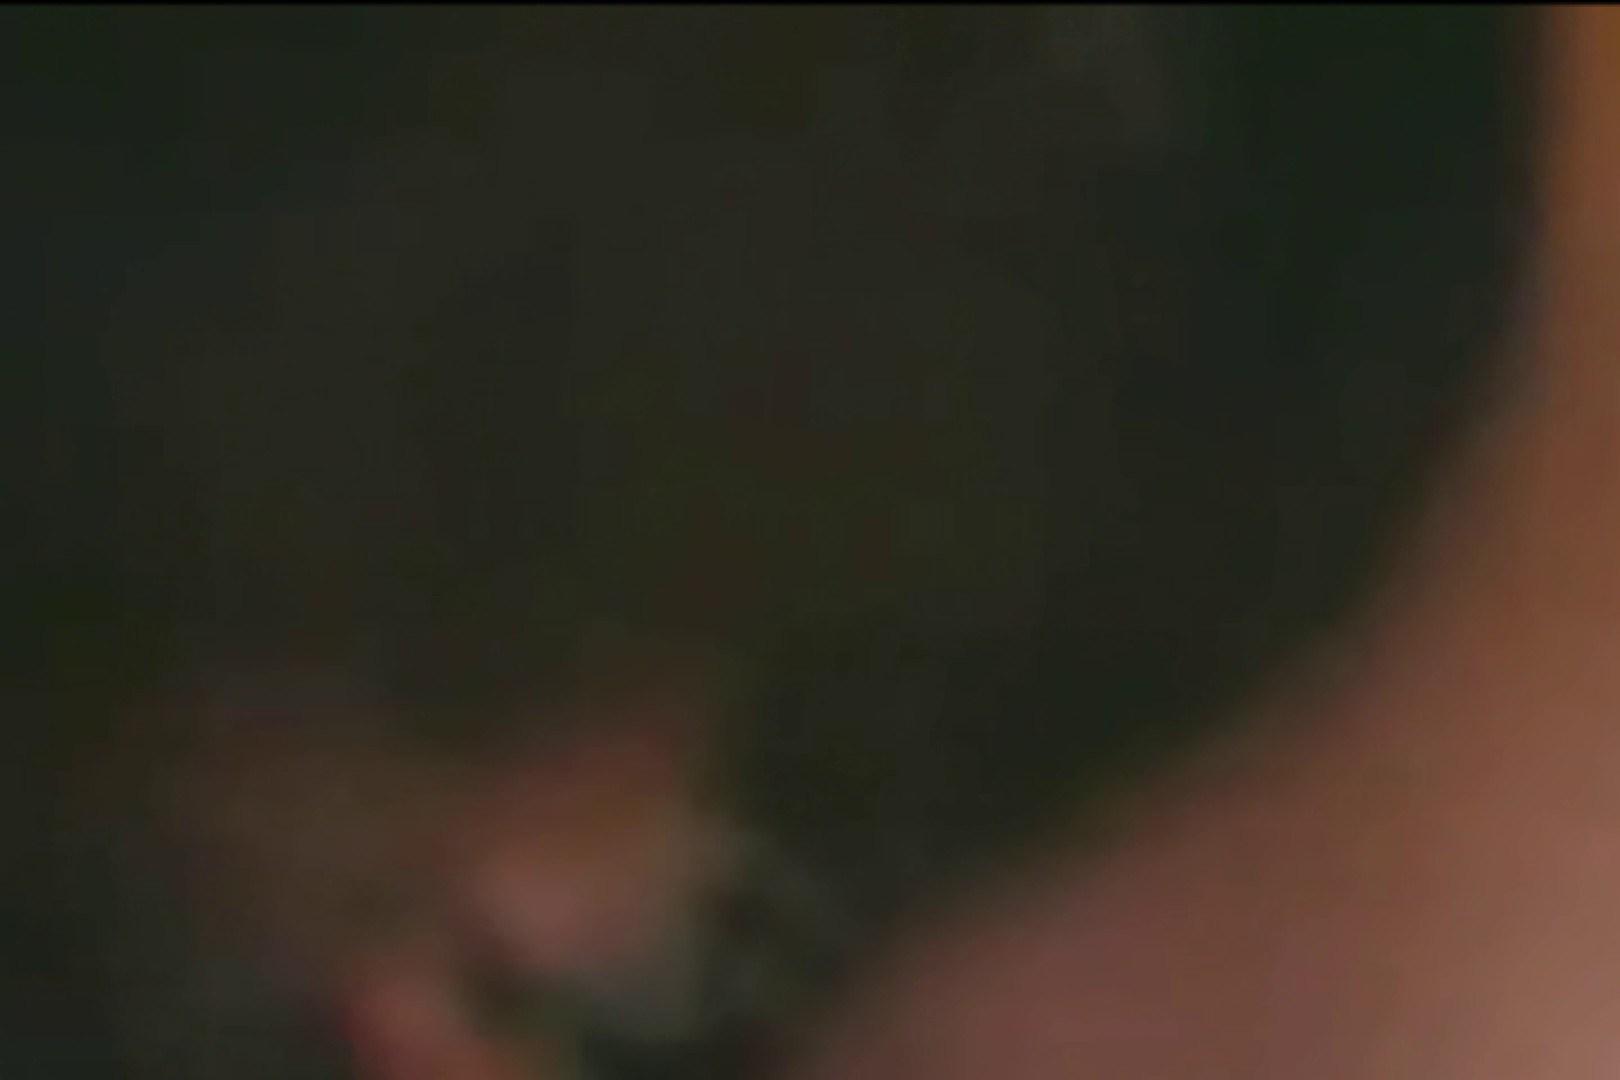 仁義なきキンタマ YAMAMOTOのアルバム フェラチオ映像  100pic 42